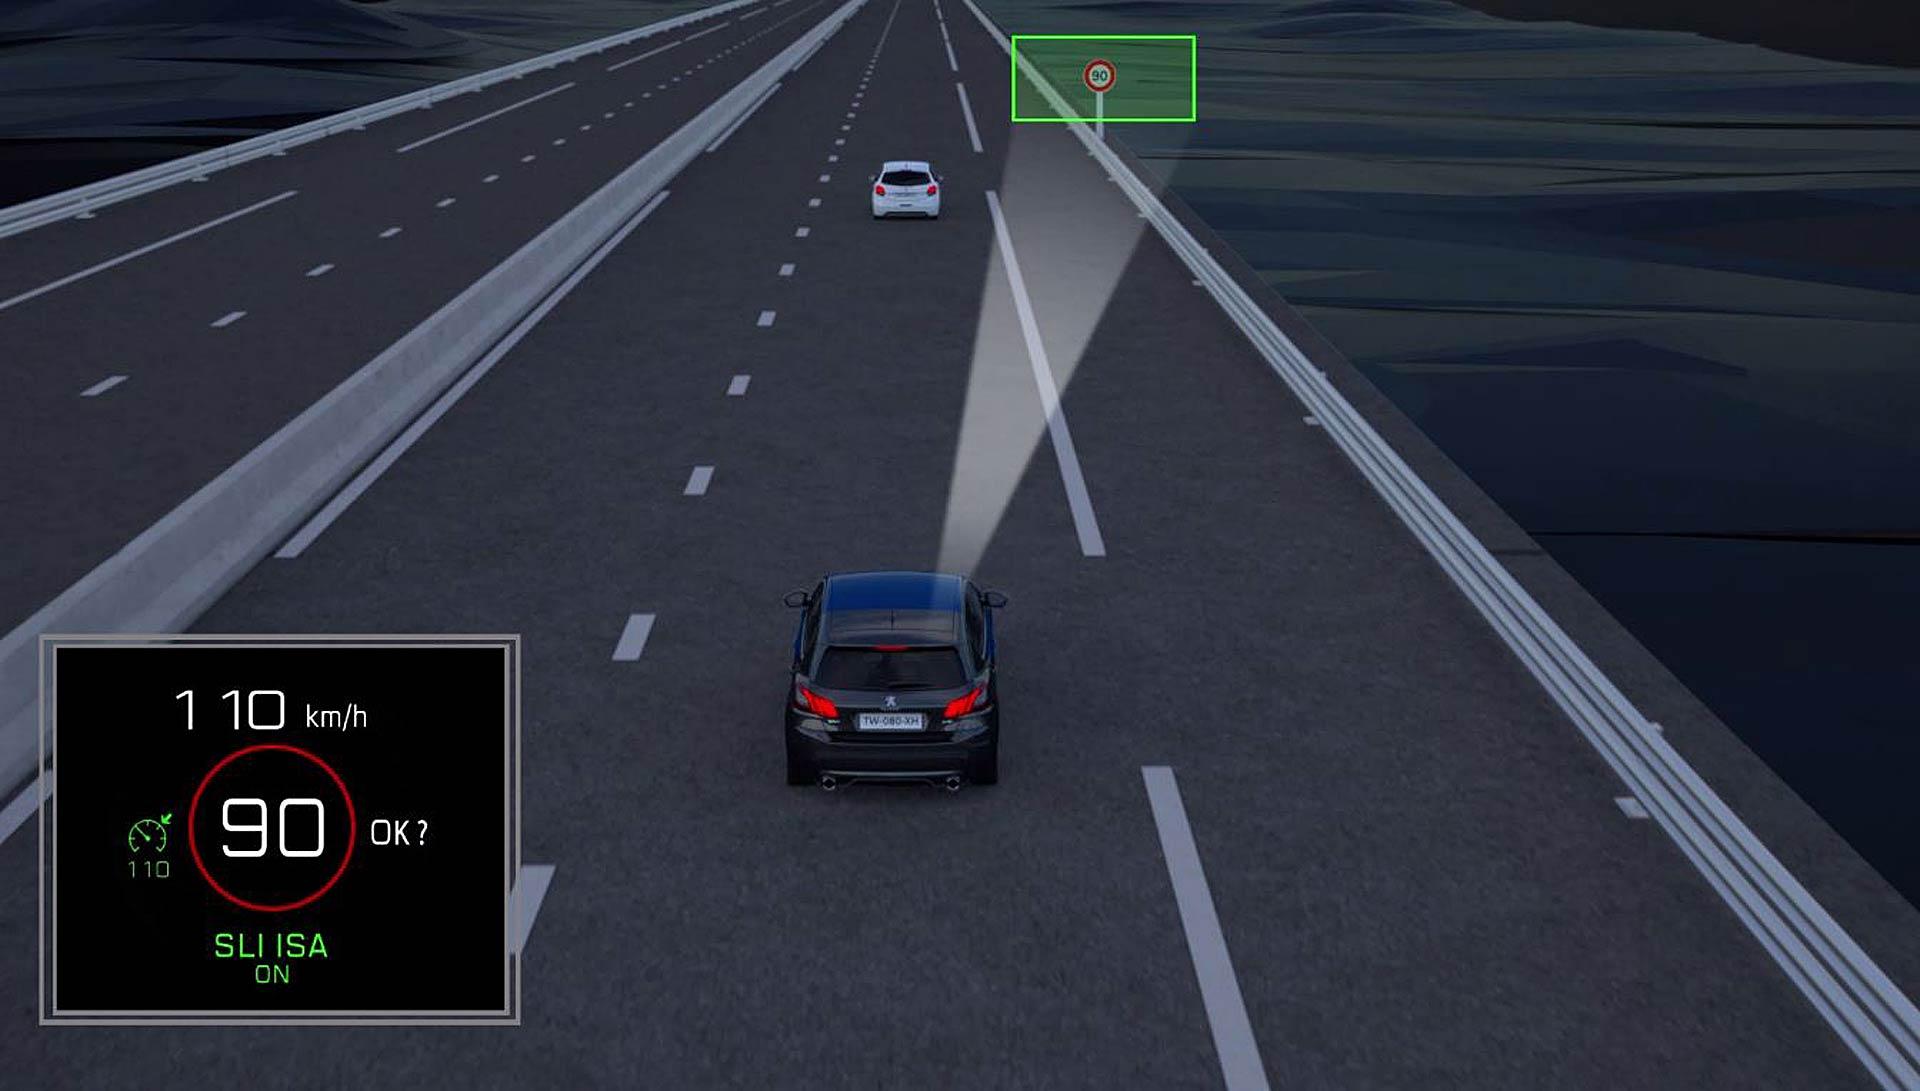 Il sistema Speed Limit Detection del gruppo PSA: l'auto legge i cartelli stradali e imposta il limite